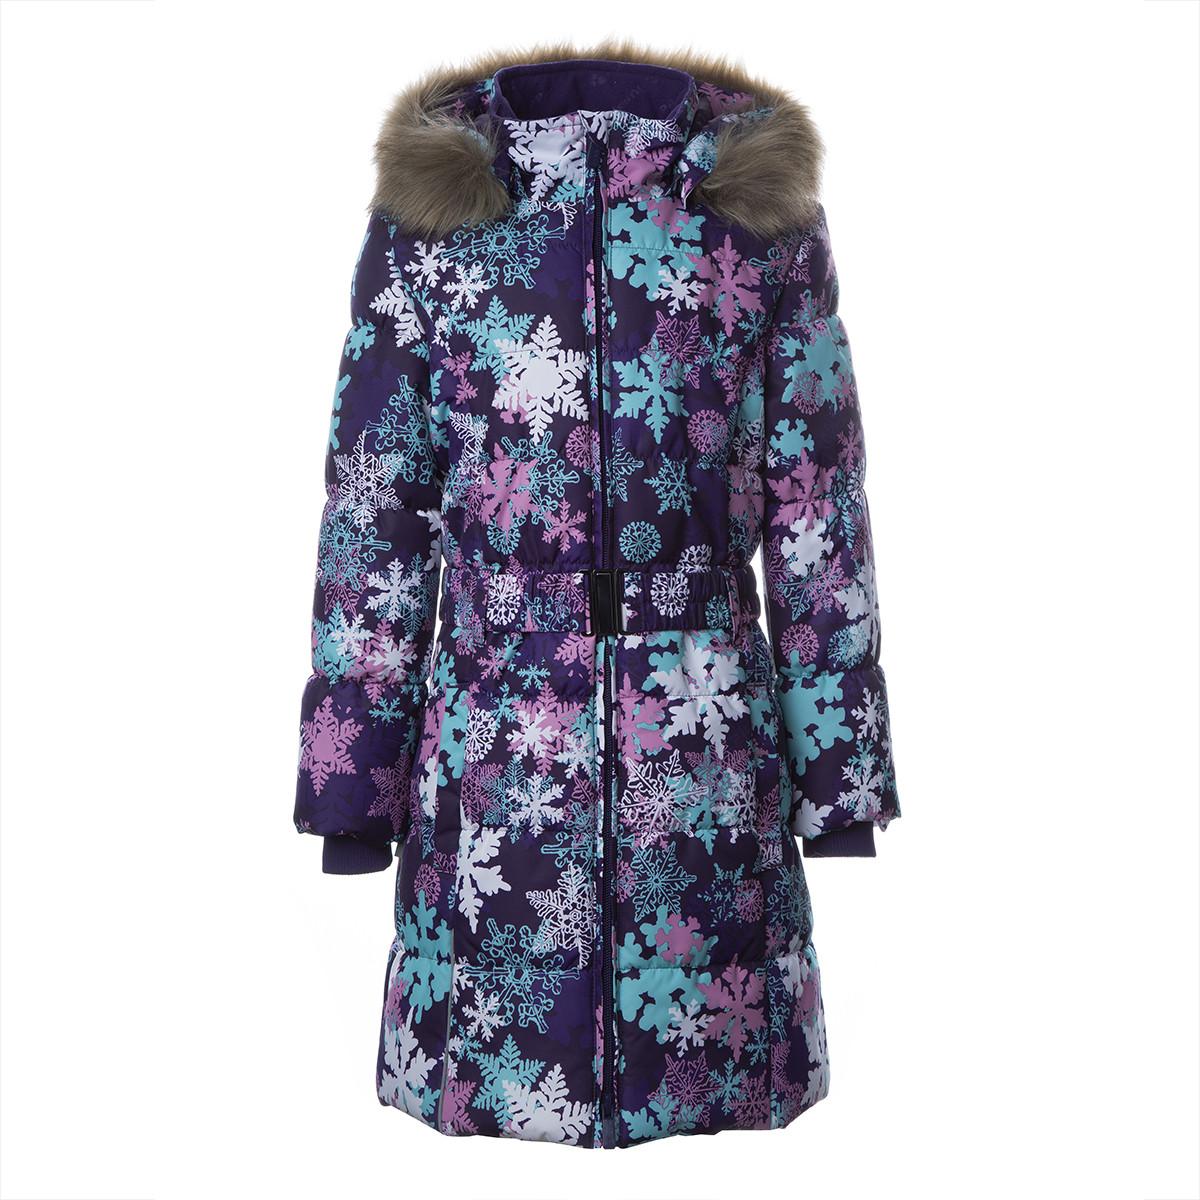 Пальто для девочек Huppa YACARANDA, лилoвый с принтом